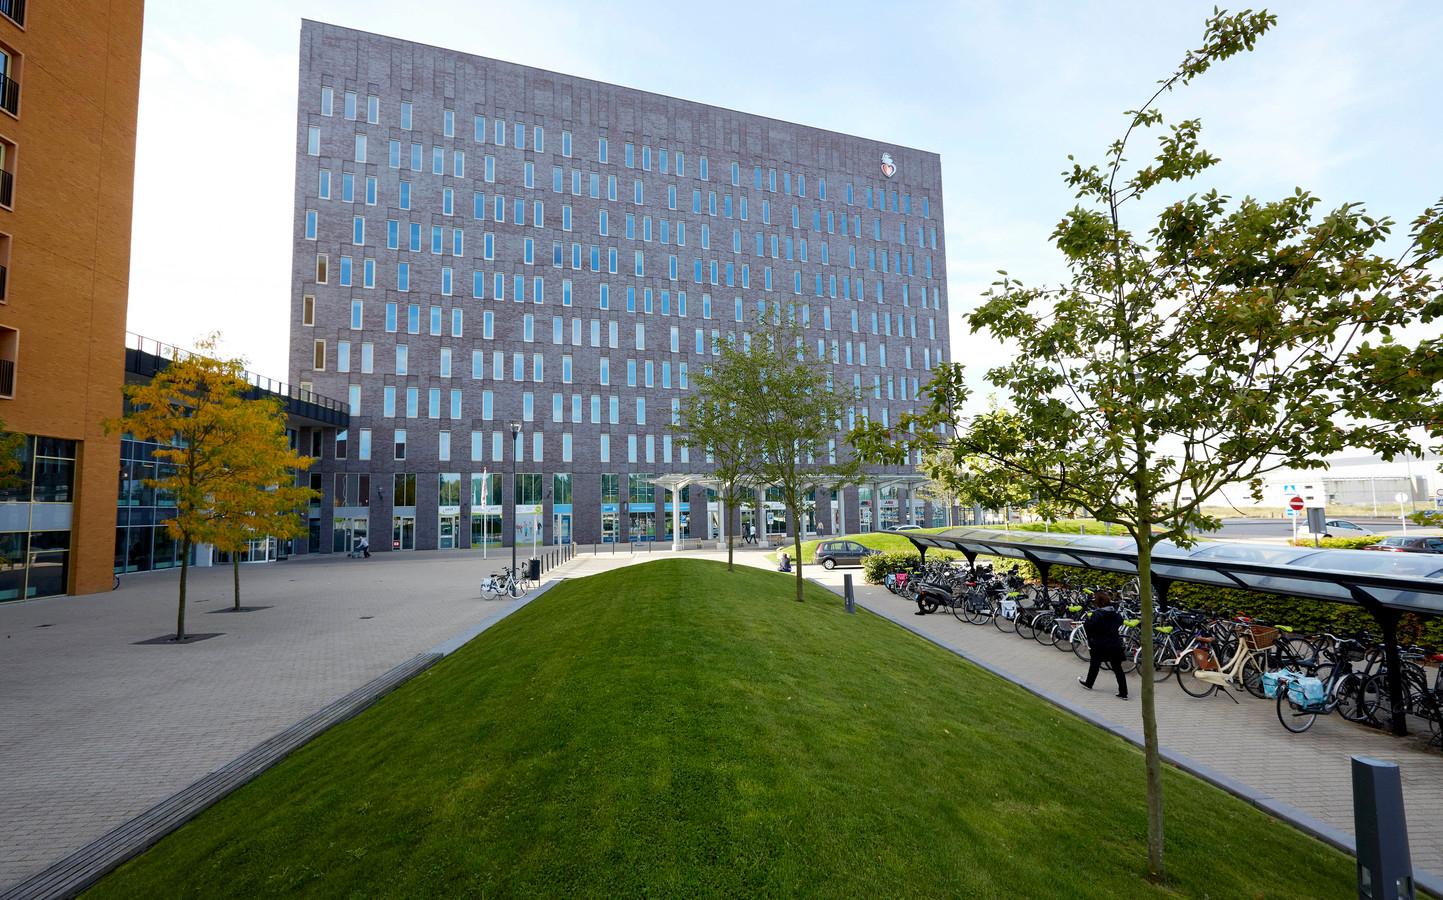 Exterieur van het Albert Schweitzer ziekenhuis in Dordrecht.